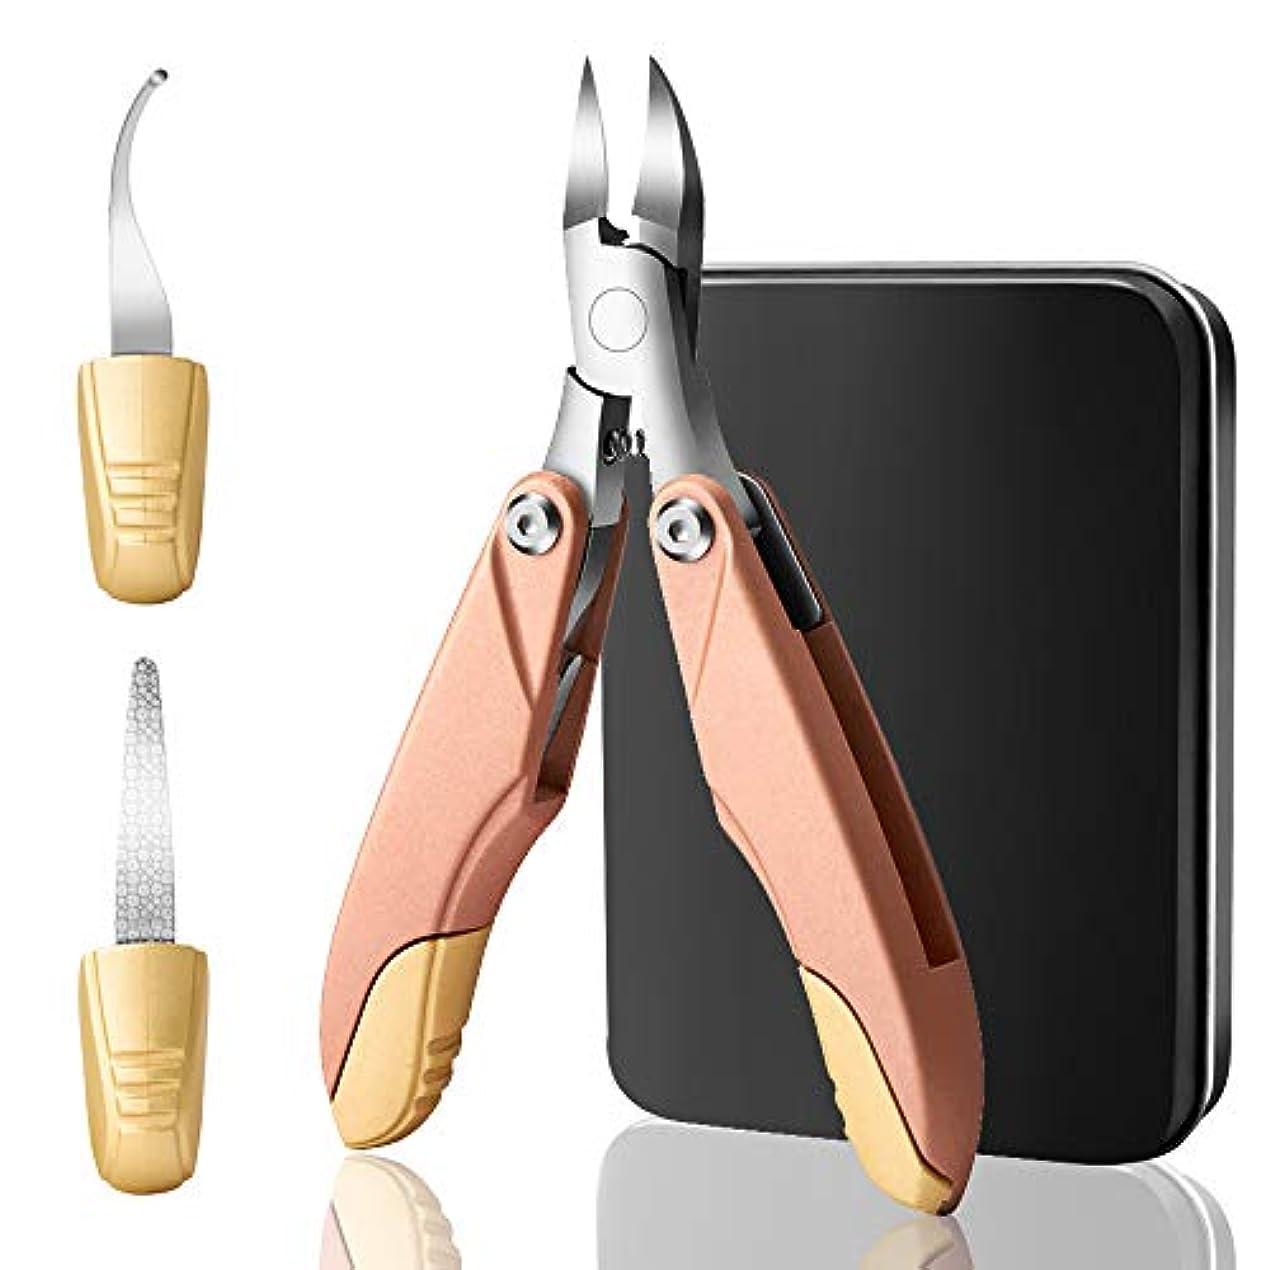 トーン着服小間YunTech 爪切り3in1 ニッパー爪切り ステンレス製 折り畳み式 巻き爪 硬い爪などにも対応 ゾンデ/爪やすり付き 手足兼用 収納ケース付き (ローズゴールド)